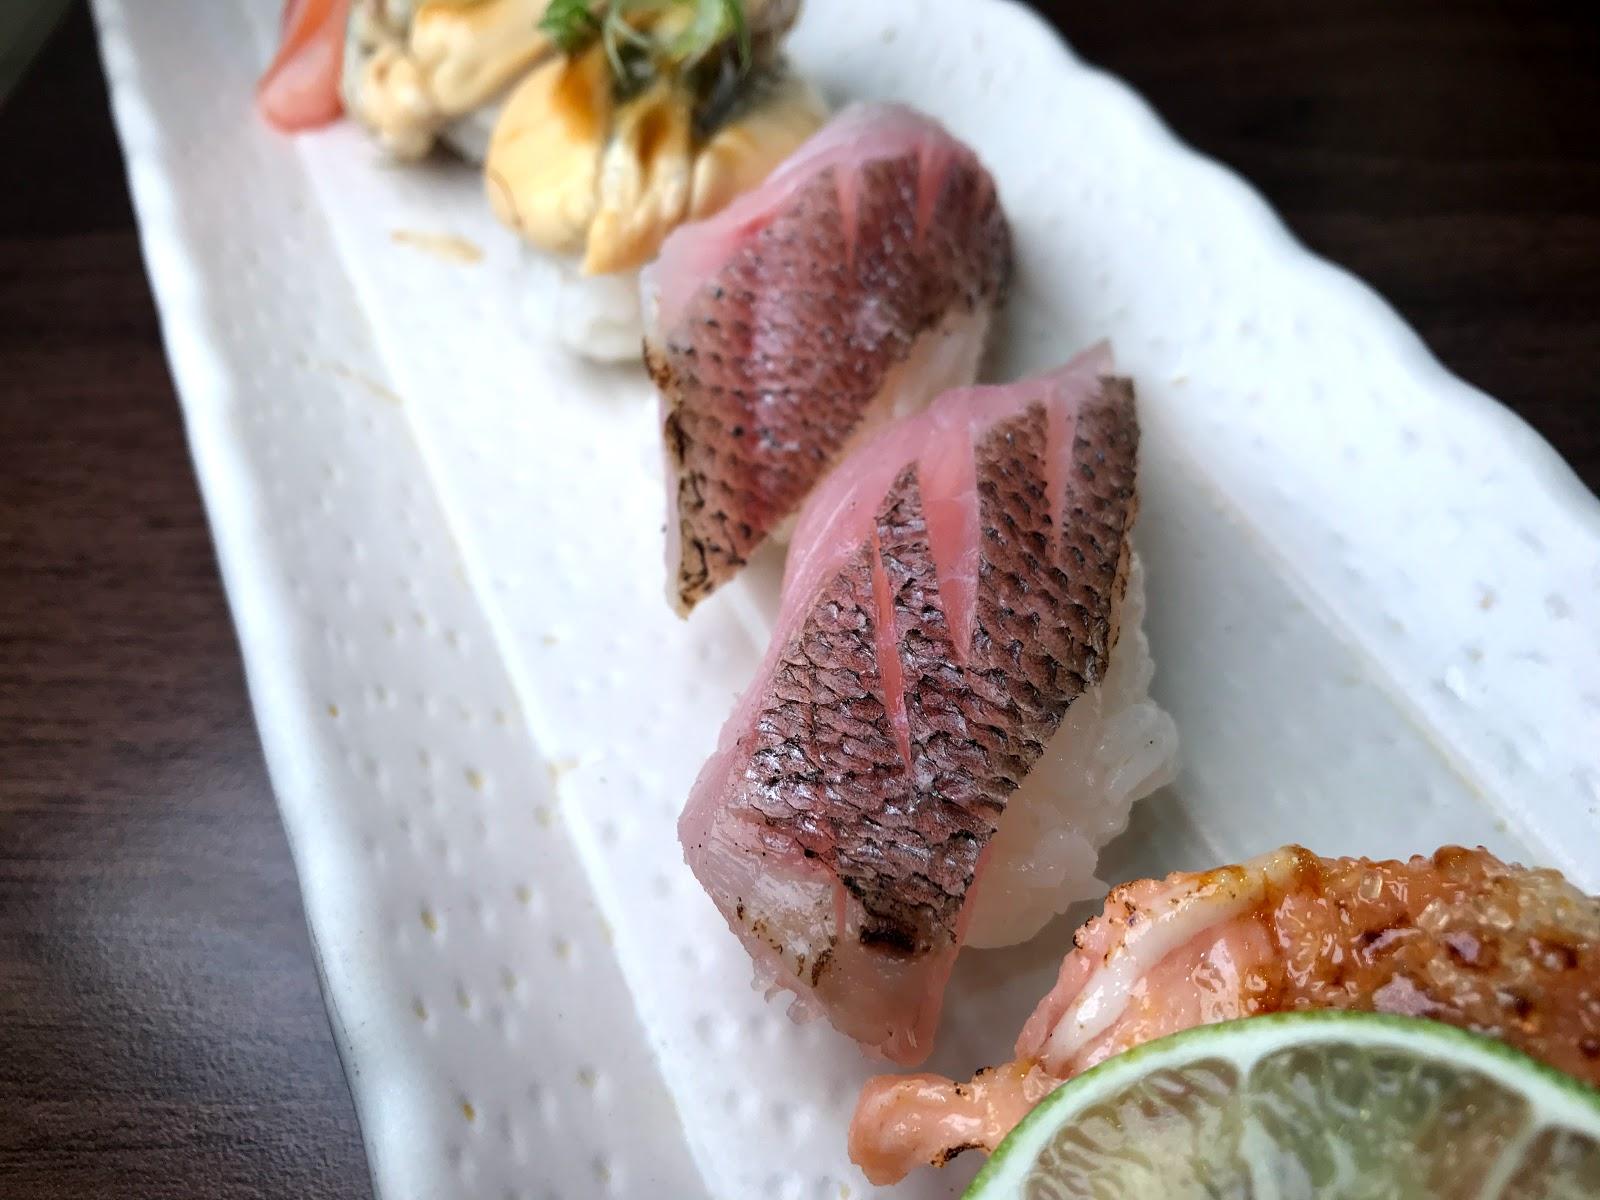 【台南|永康】纓風鮨味 永康店|寶石般的鮭魚子|平價好吃的日式料理店 |永康日式料理推薦